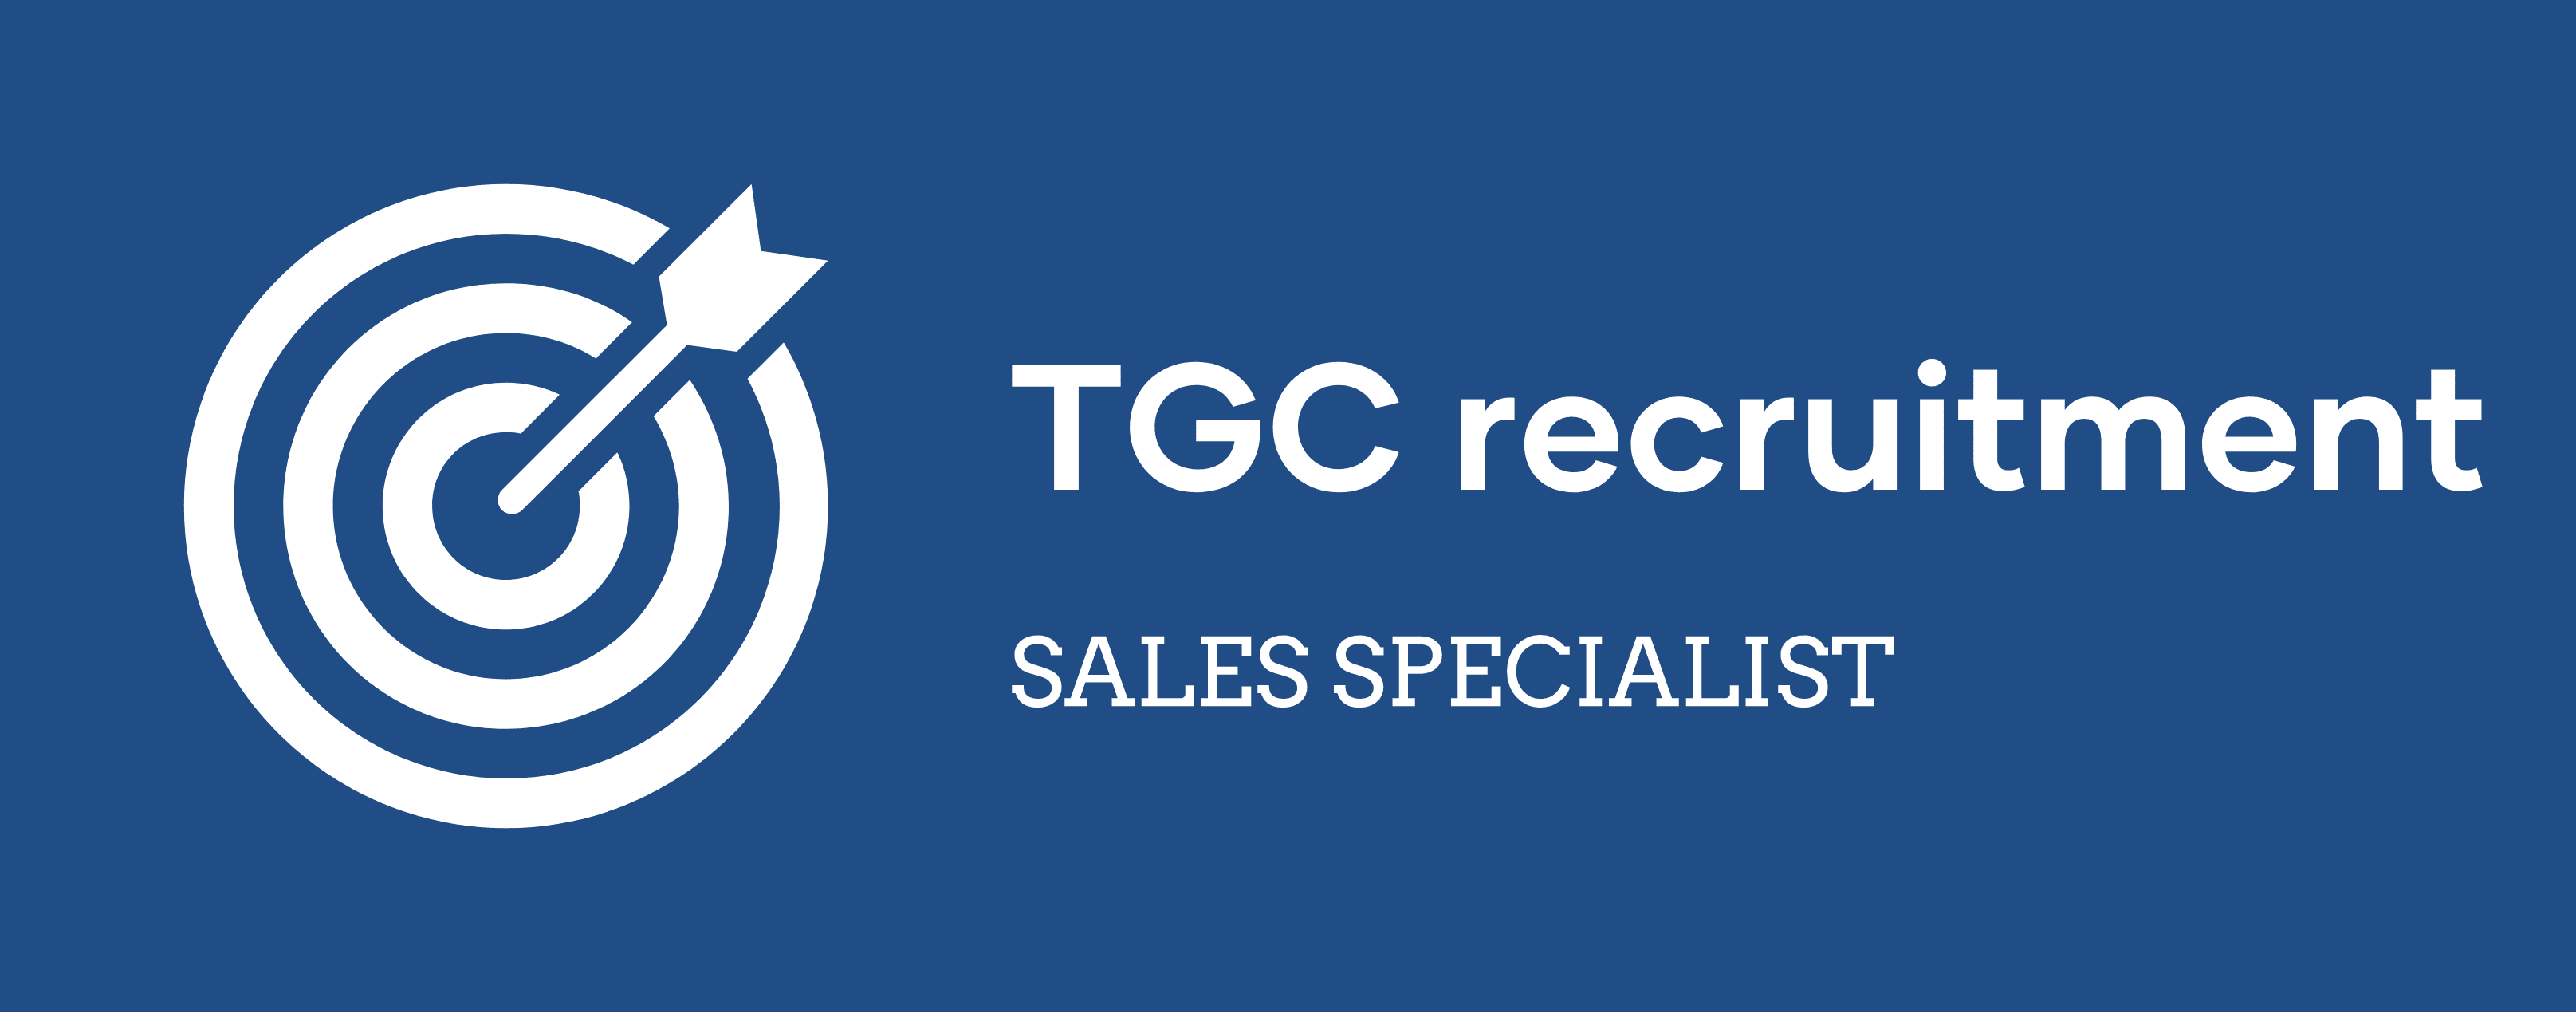 TGC Recruitment